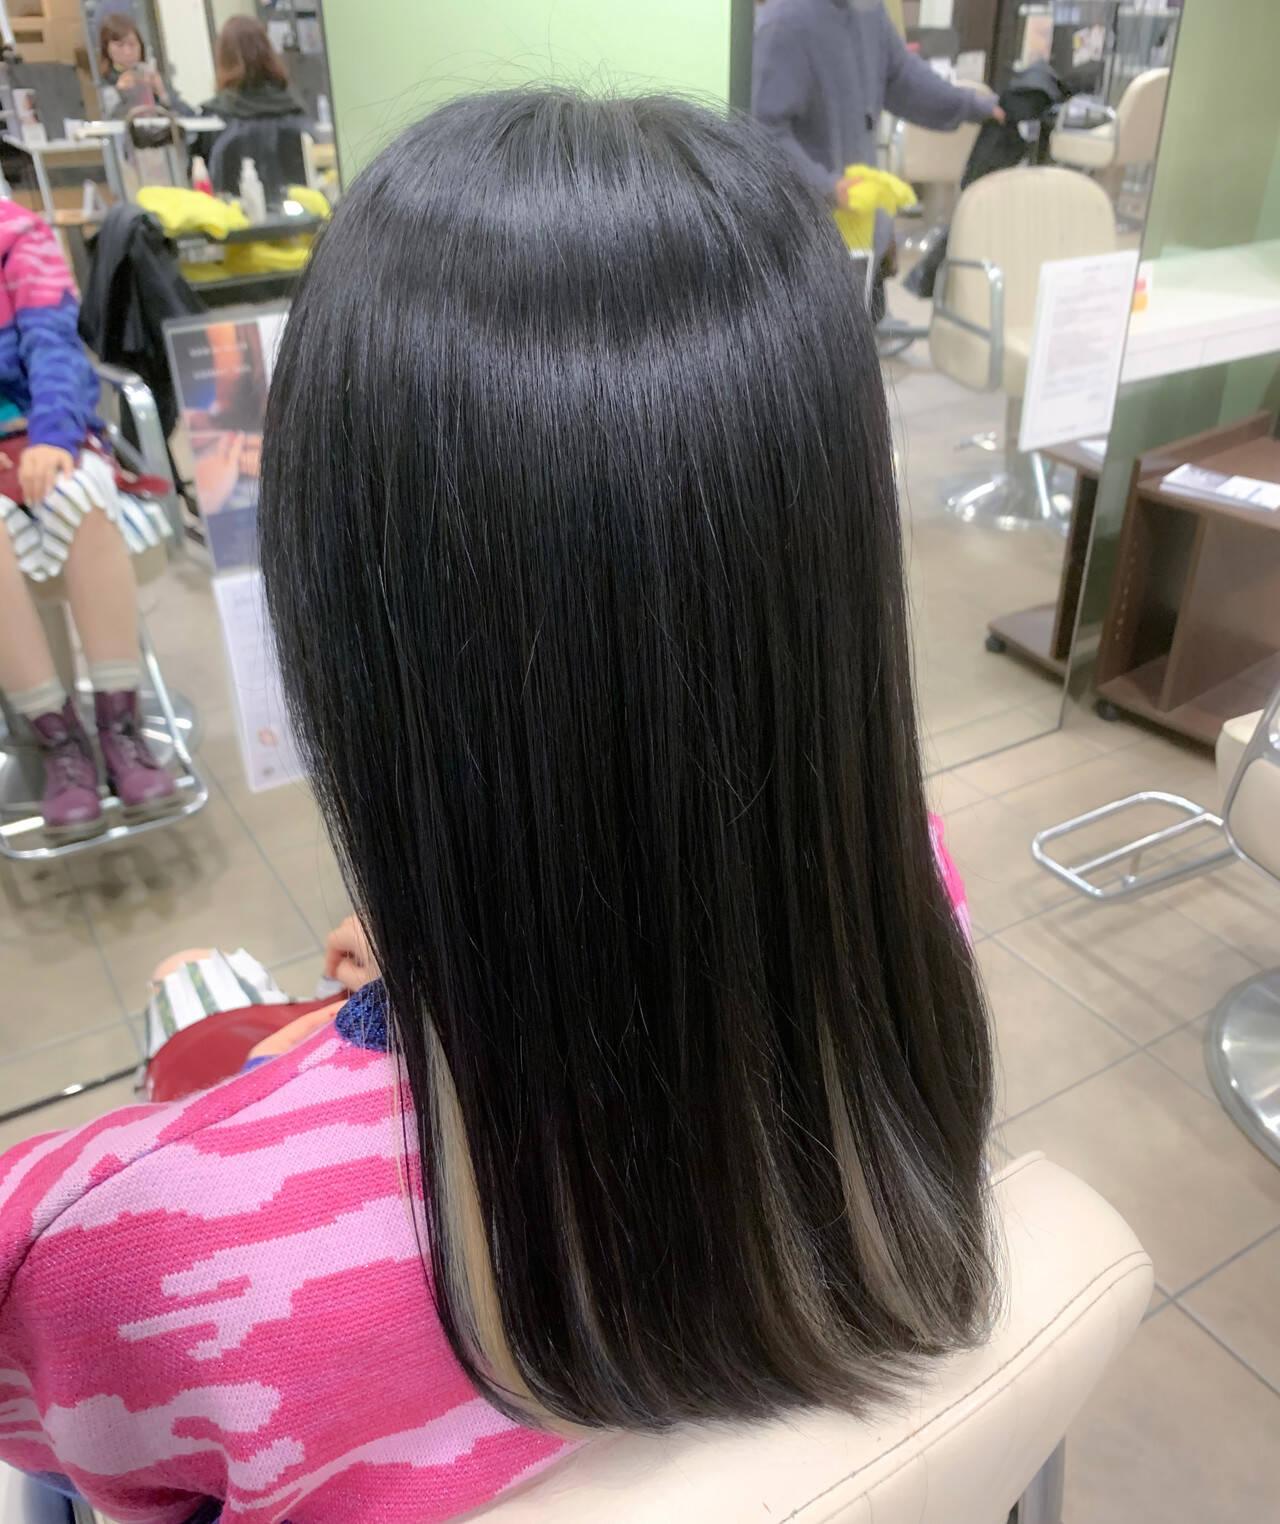 ホワイトカラー ロング デザインカラー ハイトーンカラーヘアスタイルや髪型の写真・画像